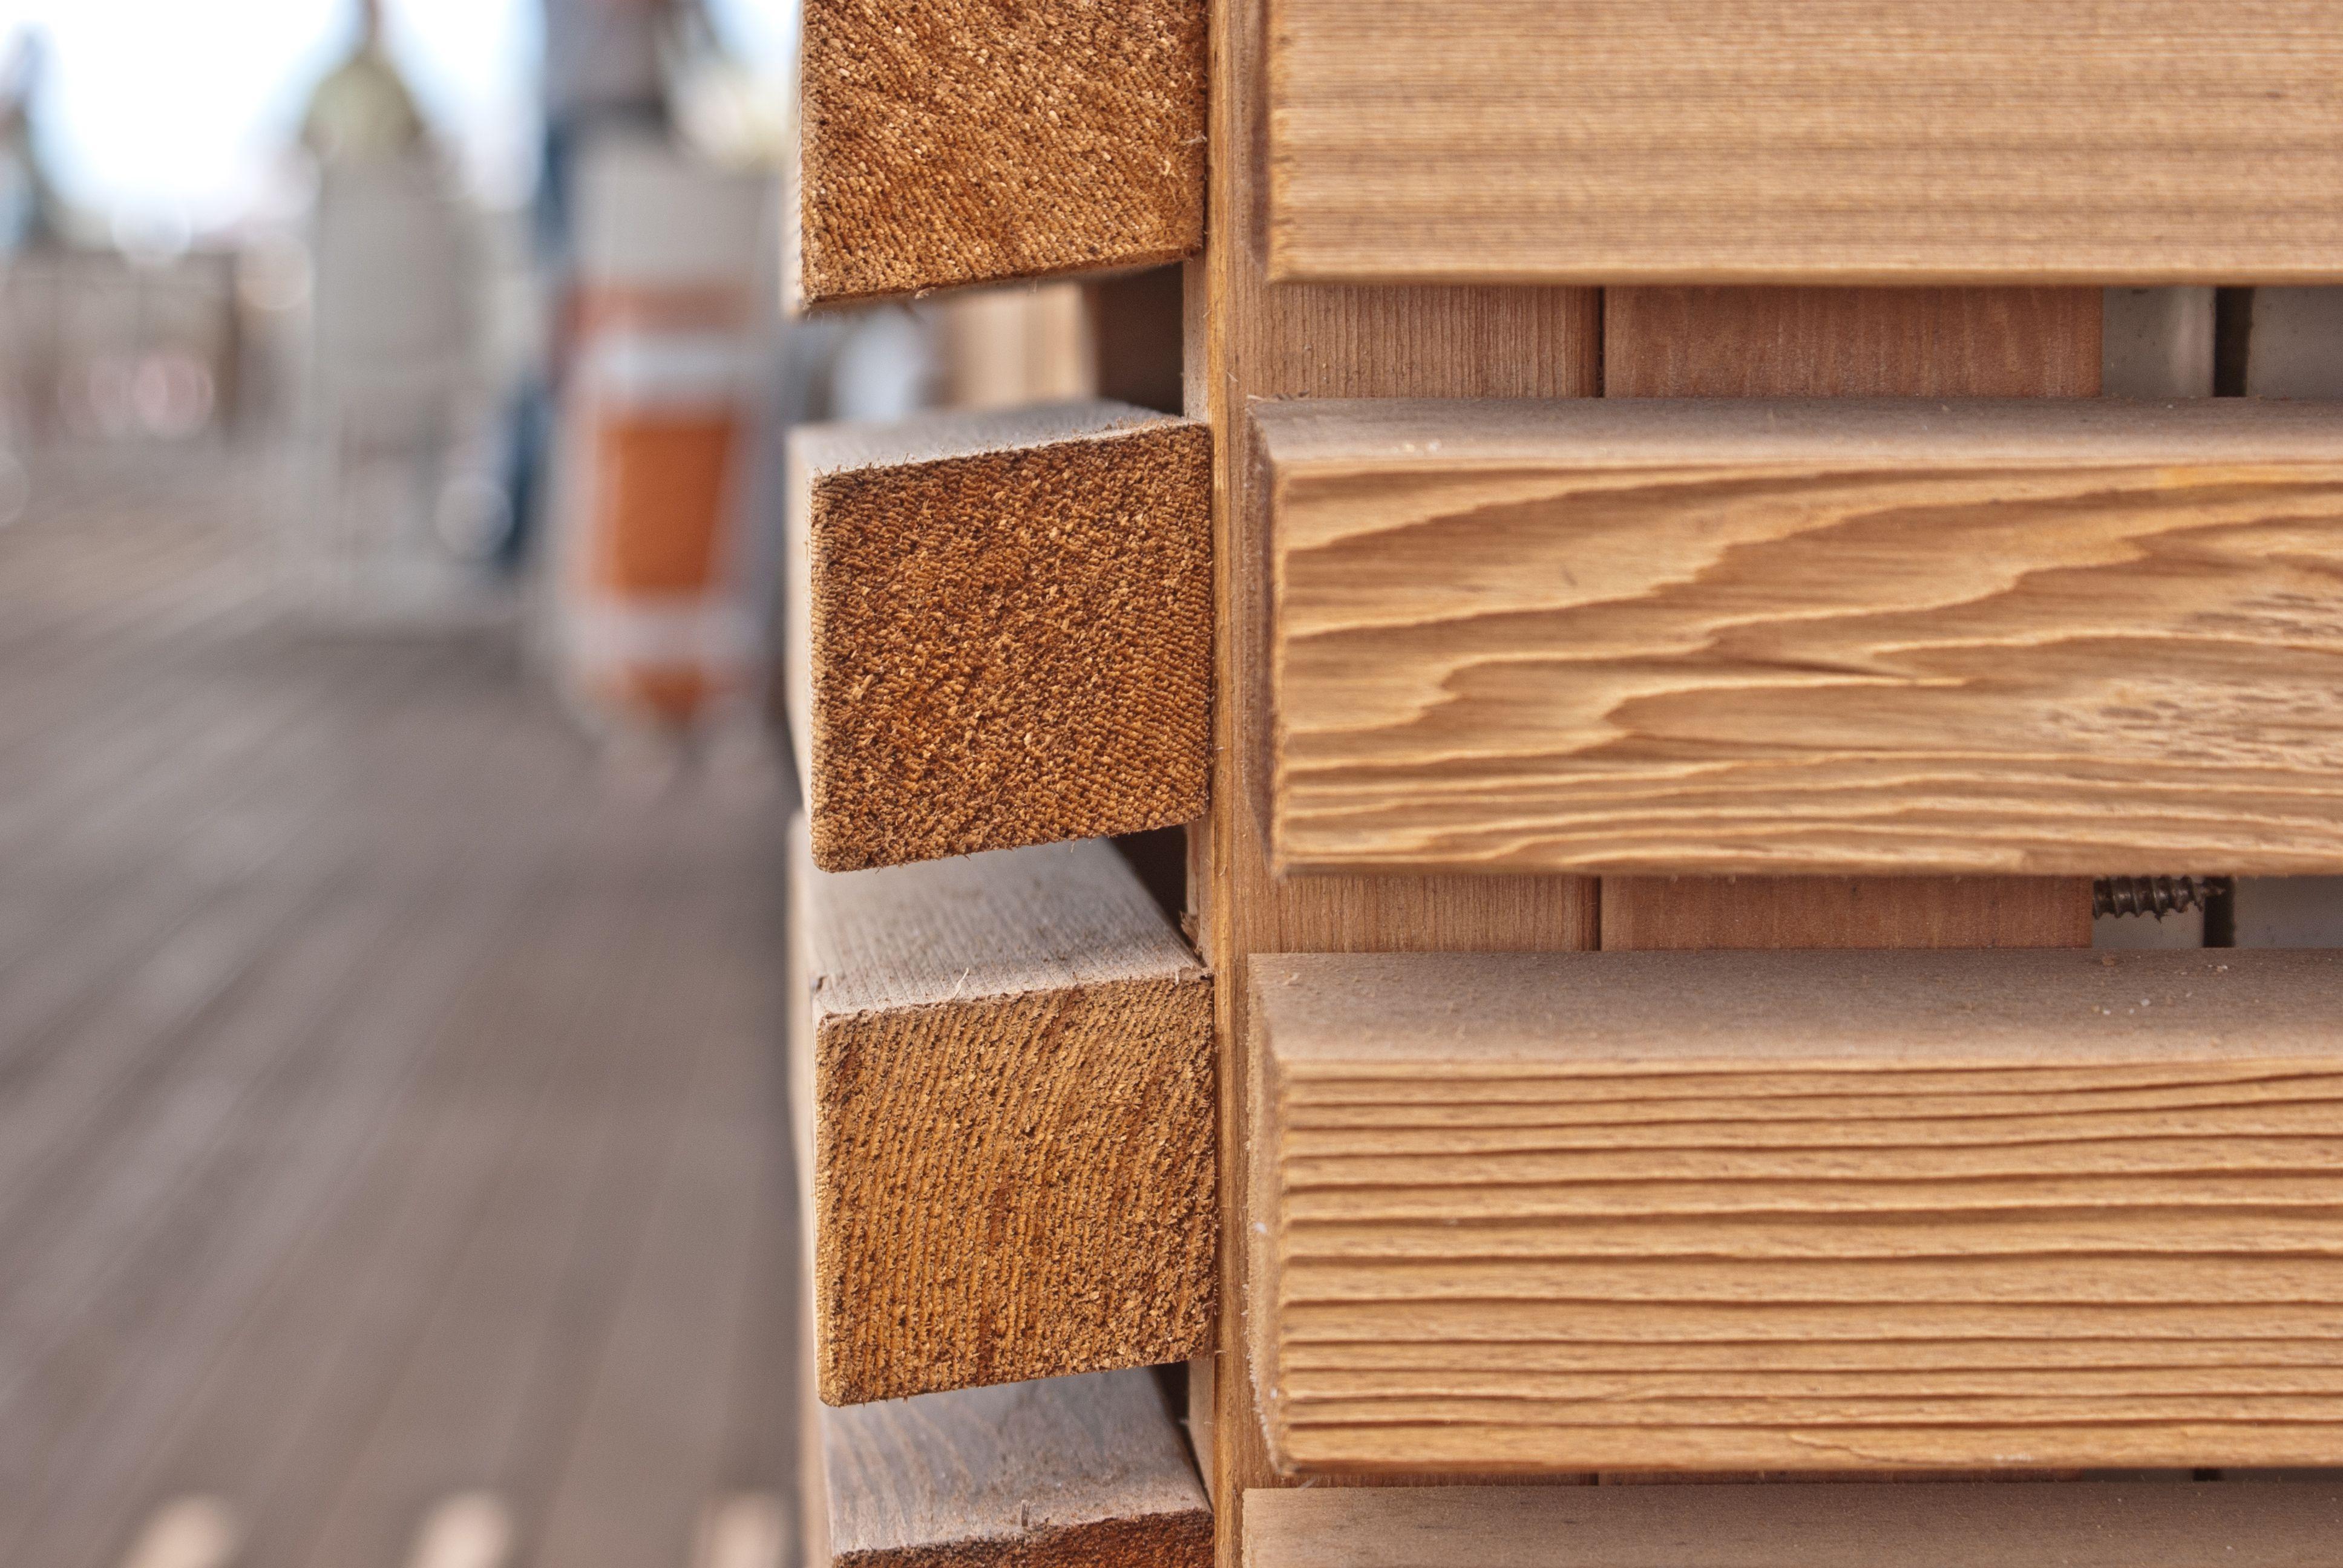 Doghe In Legno Per Pareti : Cedro rosso canadese rivestimento in legno per esterno per la